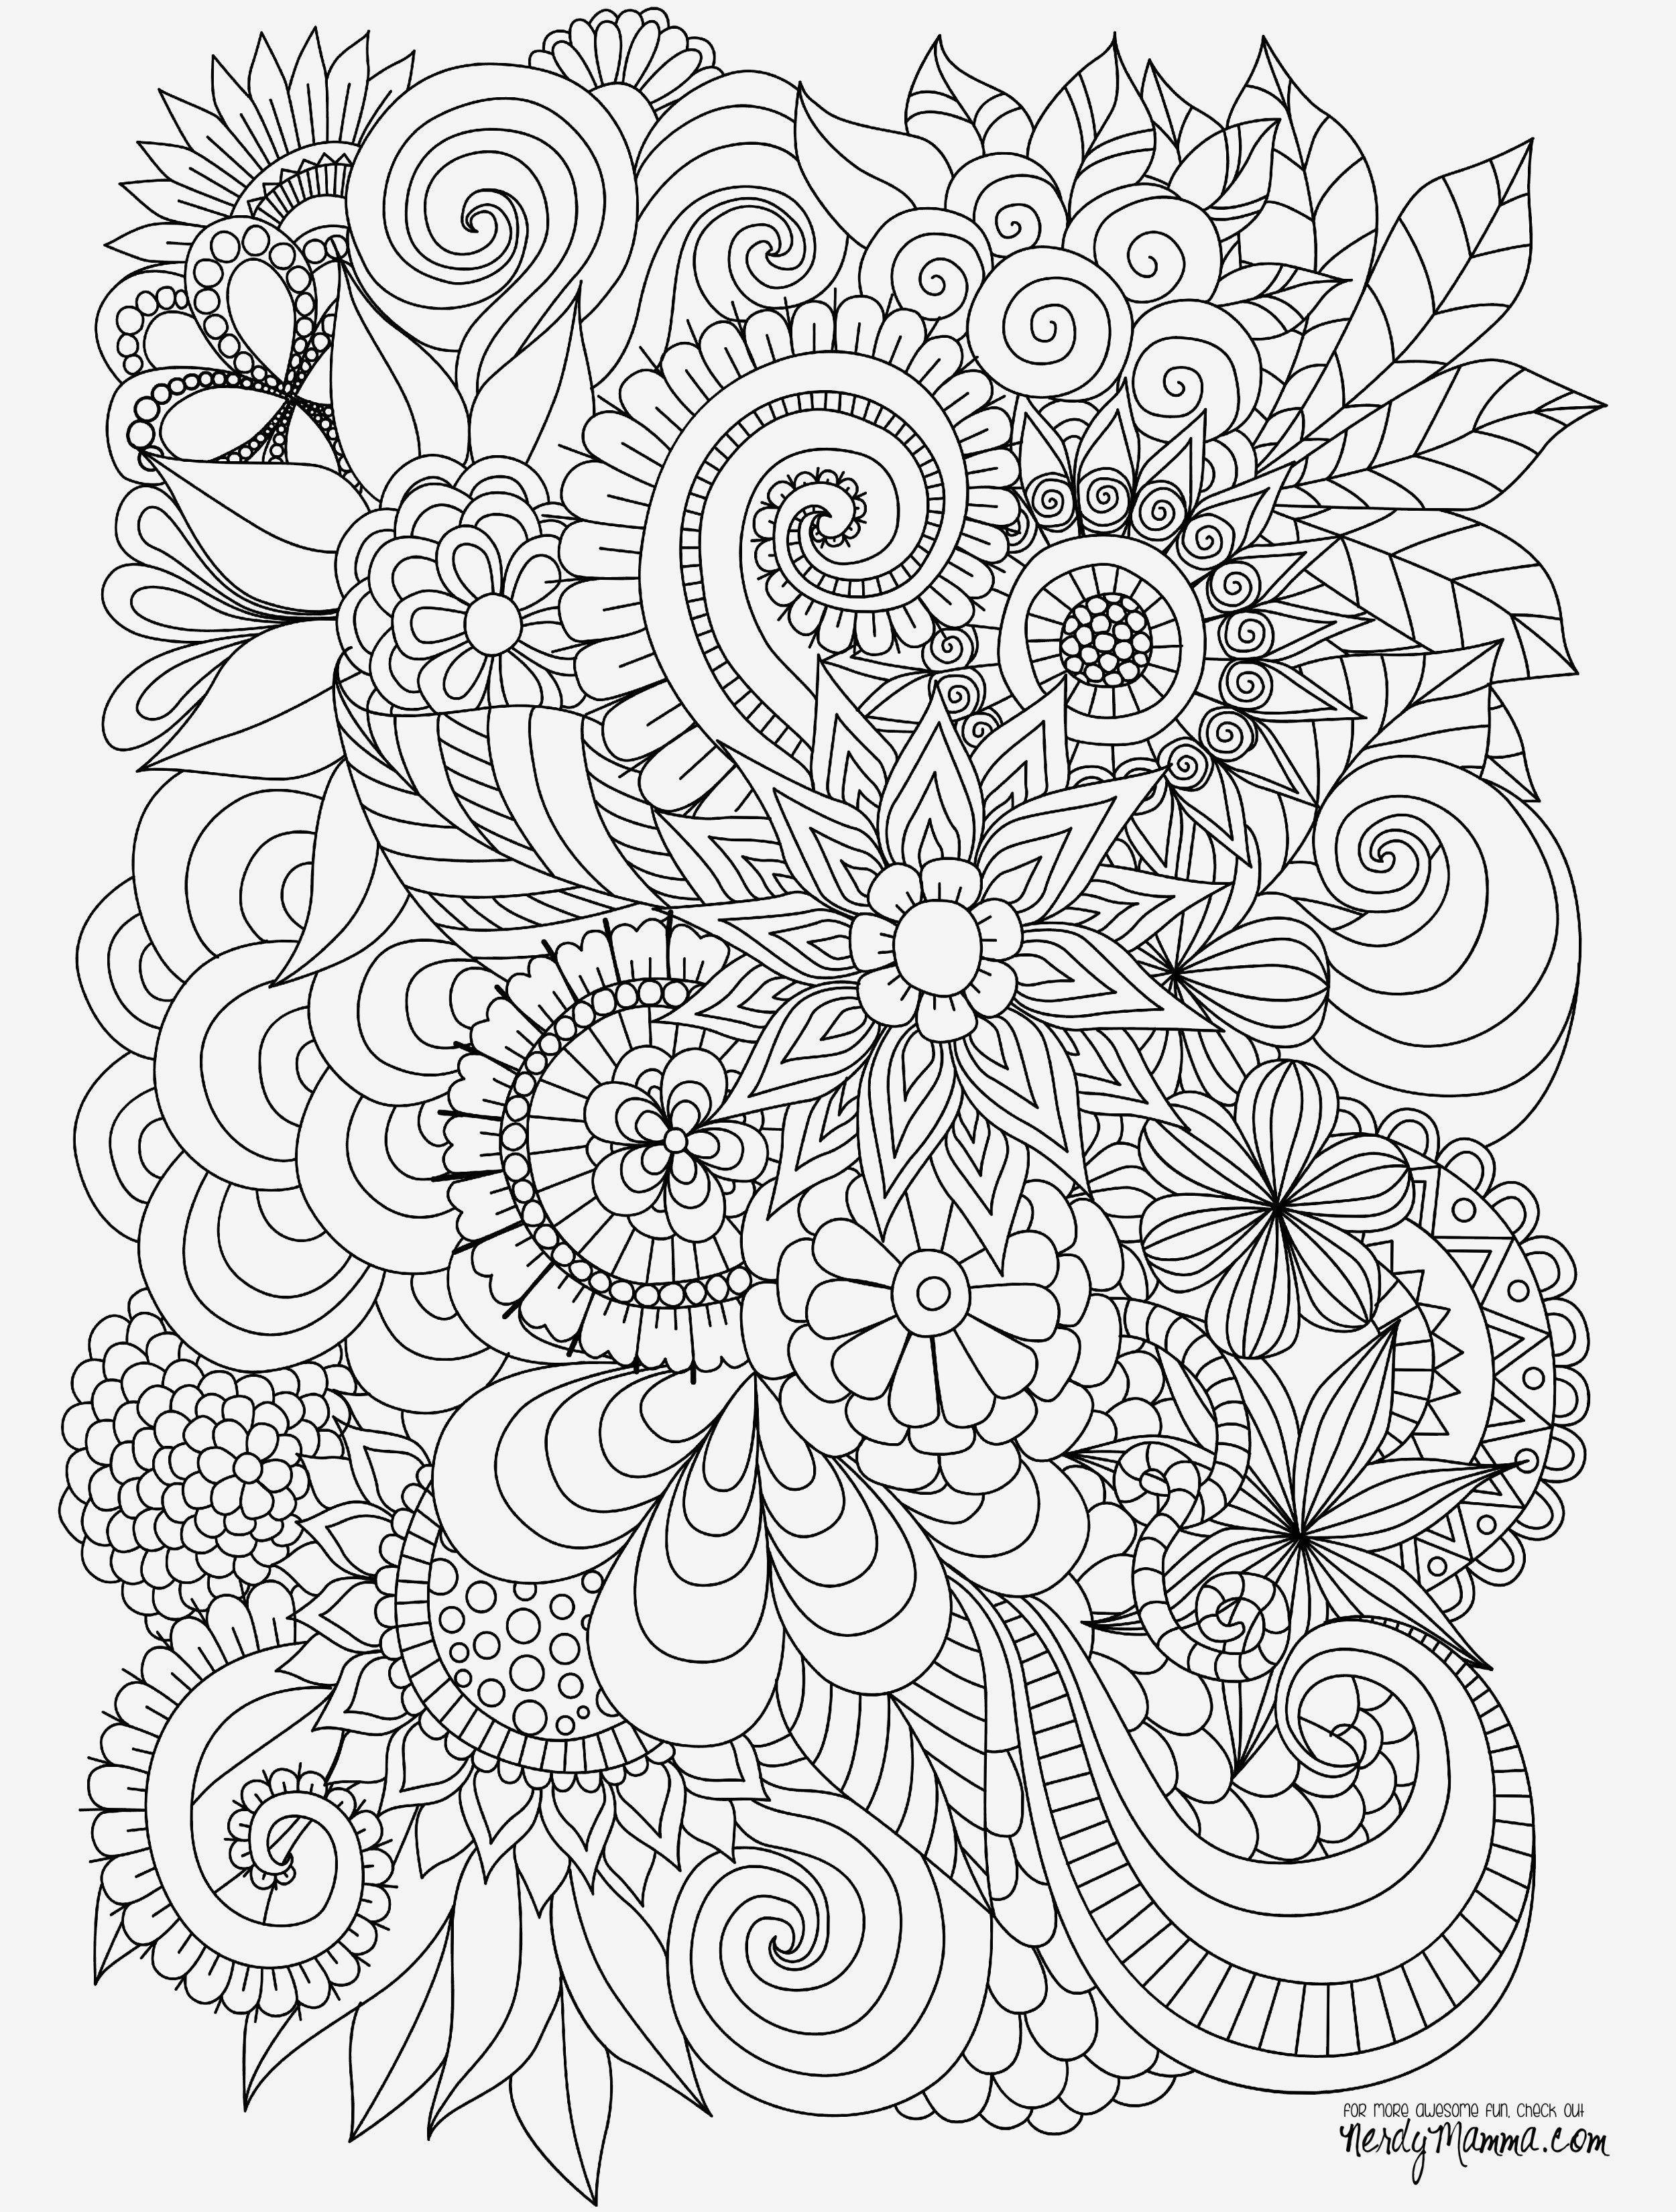 Mandalas Zum Ausmalen Schmetterling Einzigartig Bildergalerie & Bilder Zum Ausmalen Malvorlagen Mandala Best Bild